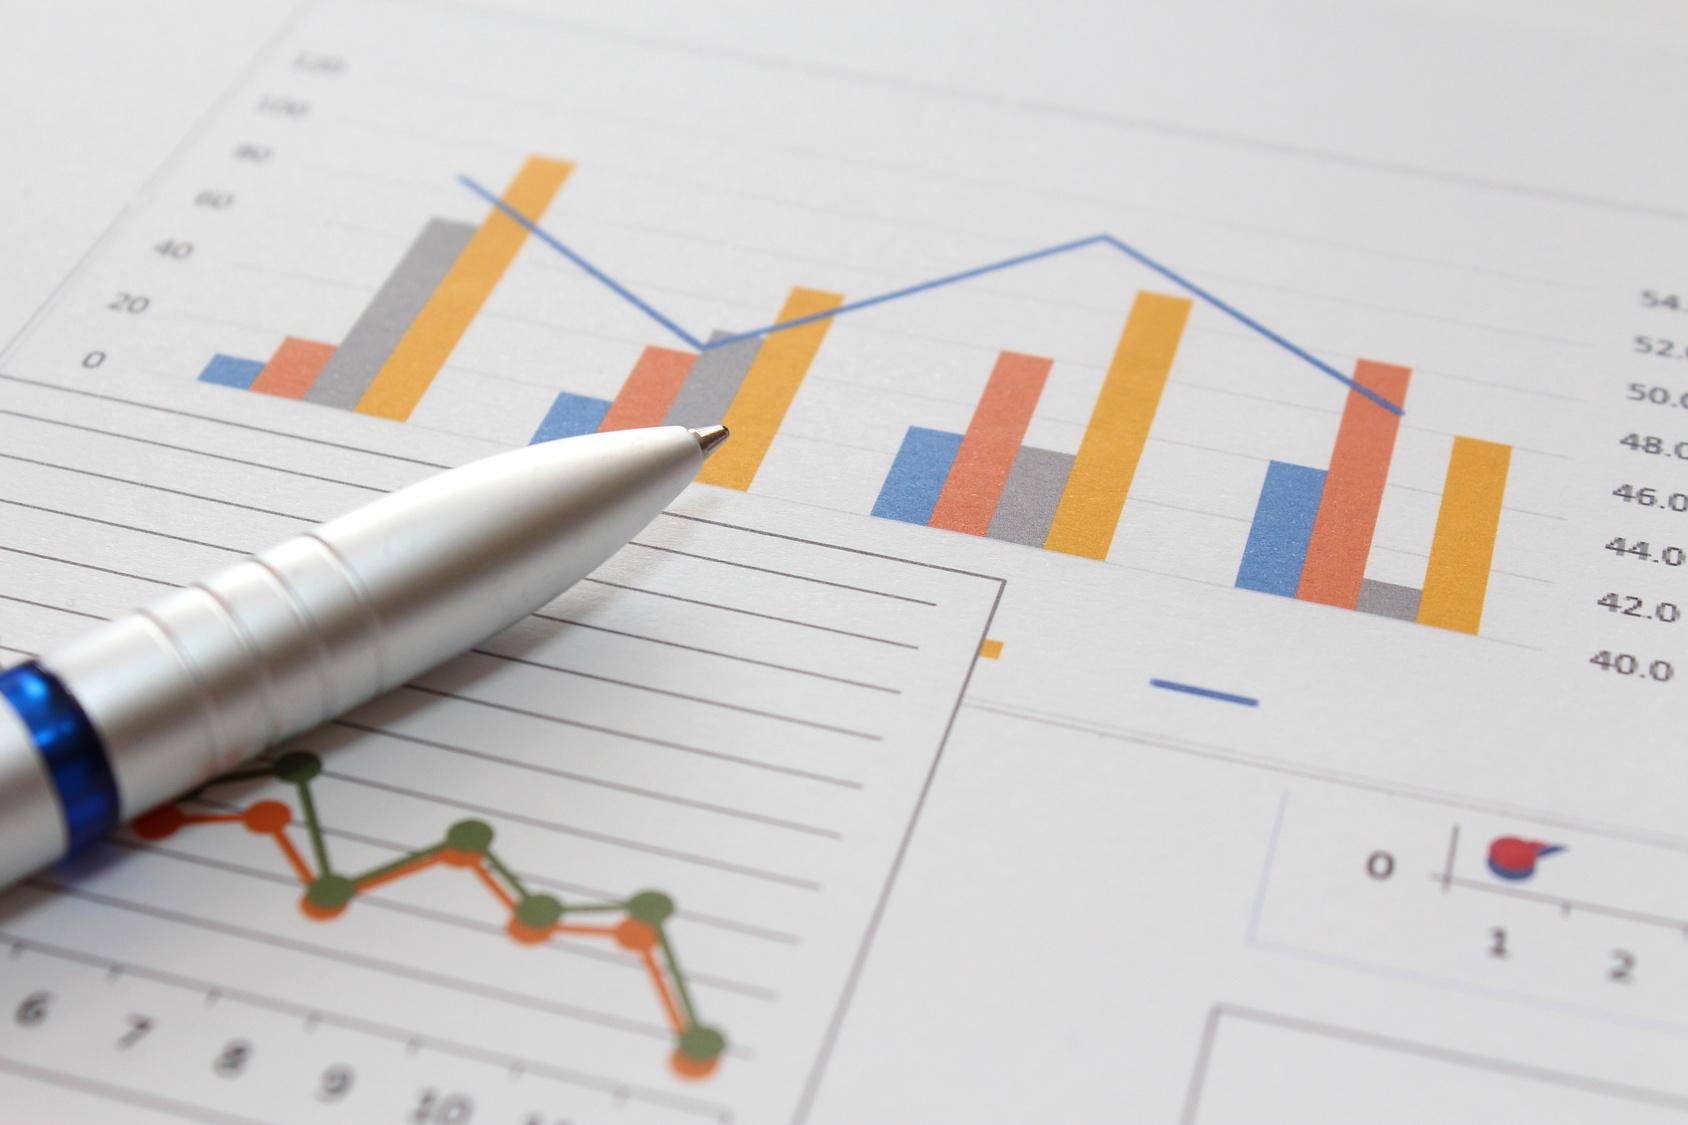 経営者にとって、「ROEを上げること」よりも優先すべきものとは?